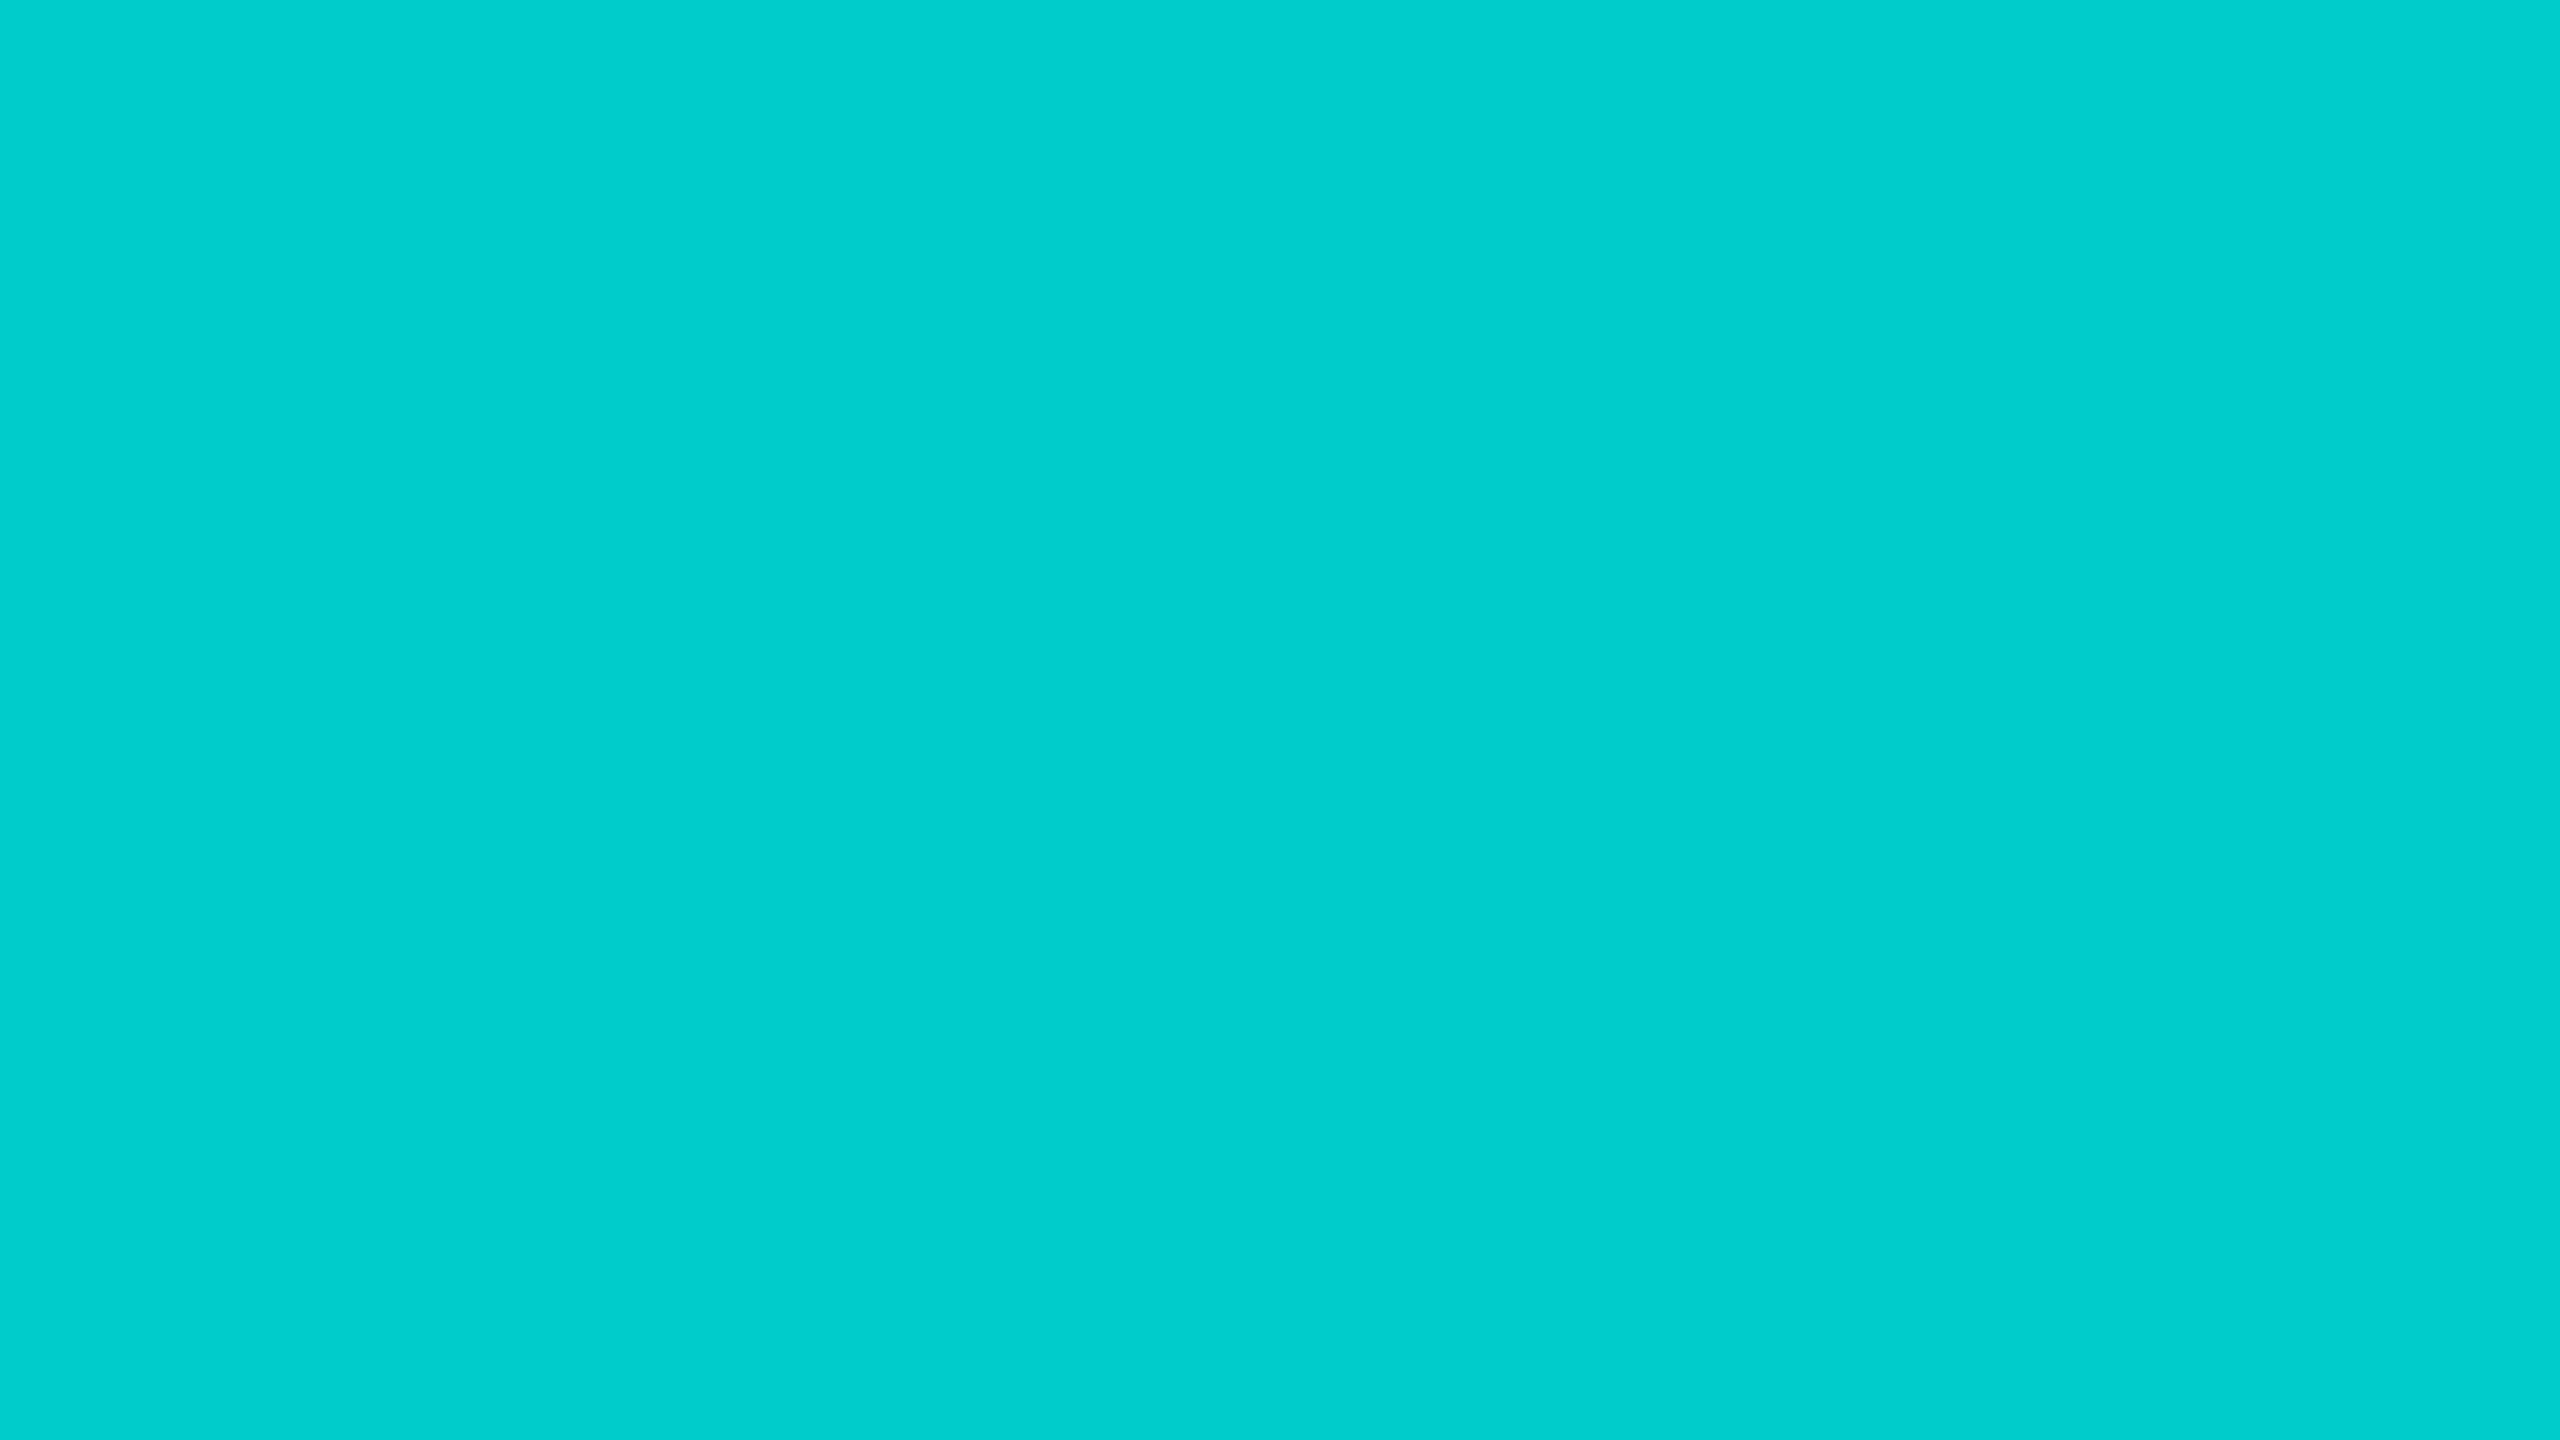 2560x1440 Robin Egg Blue Solid Color Background